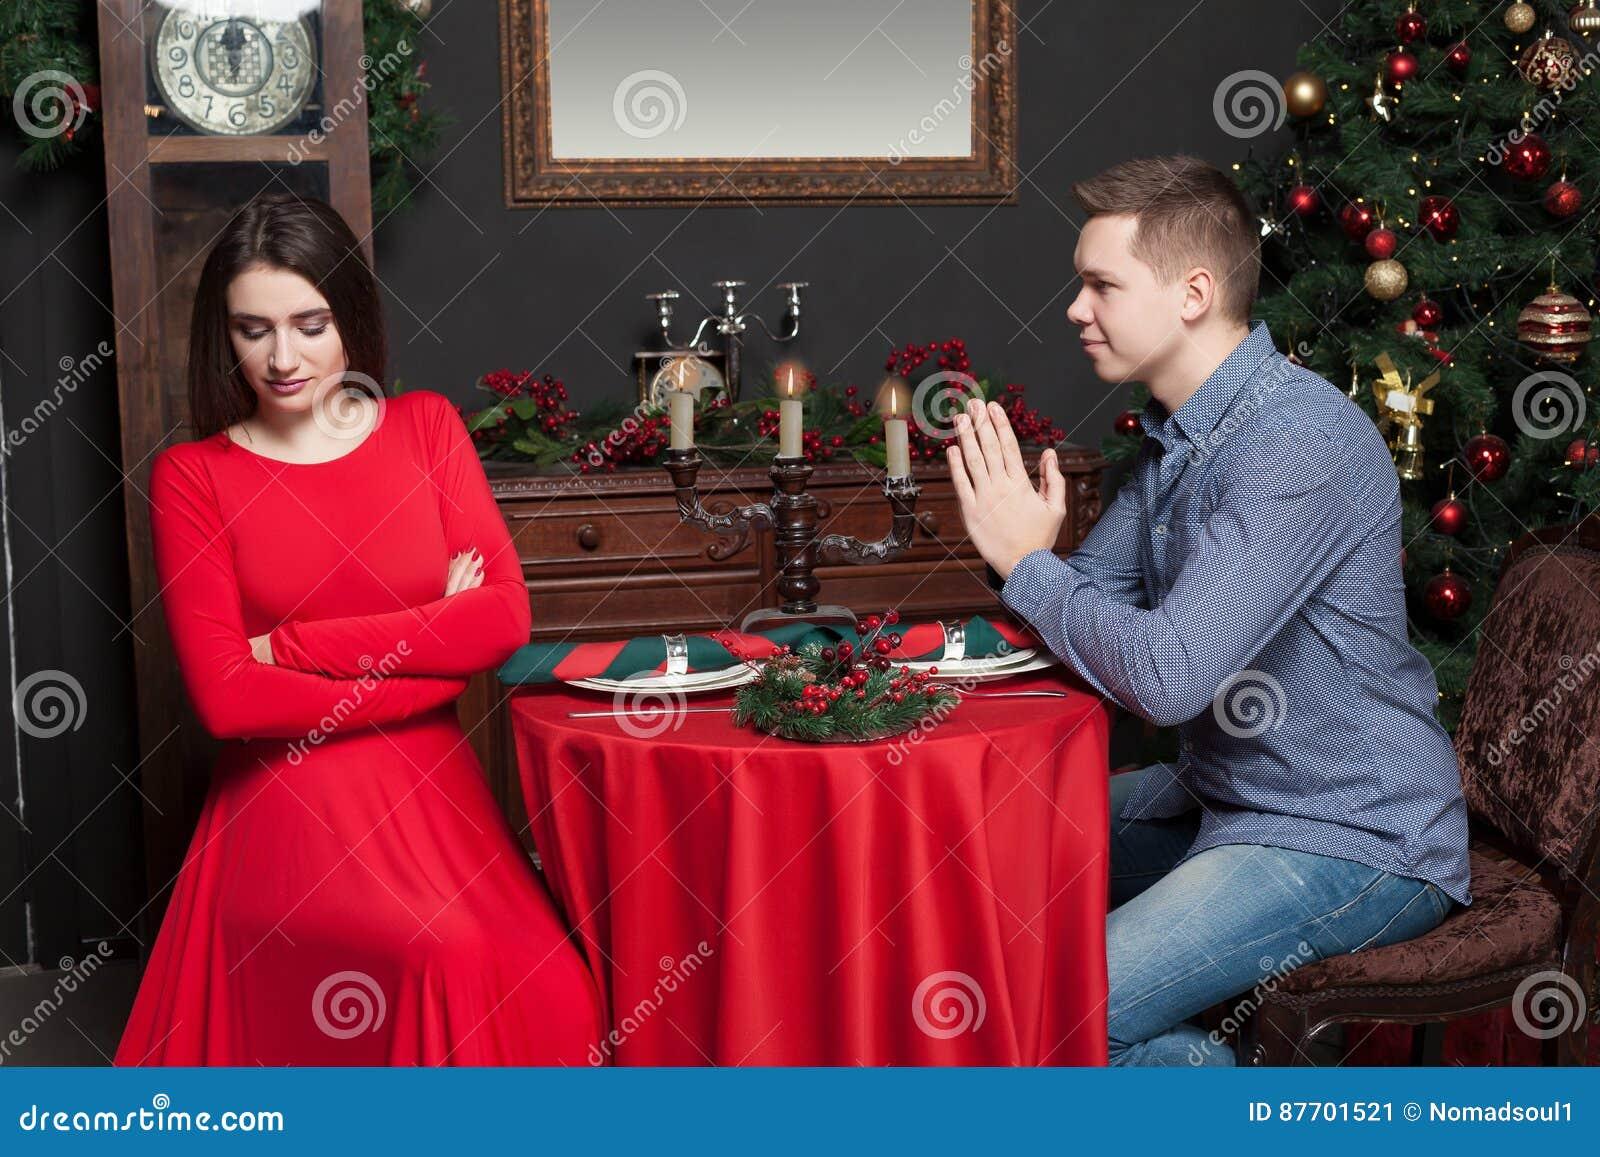 Le jeune homme demande à la femme de lui donner une occasion